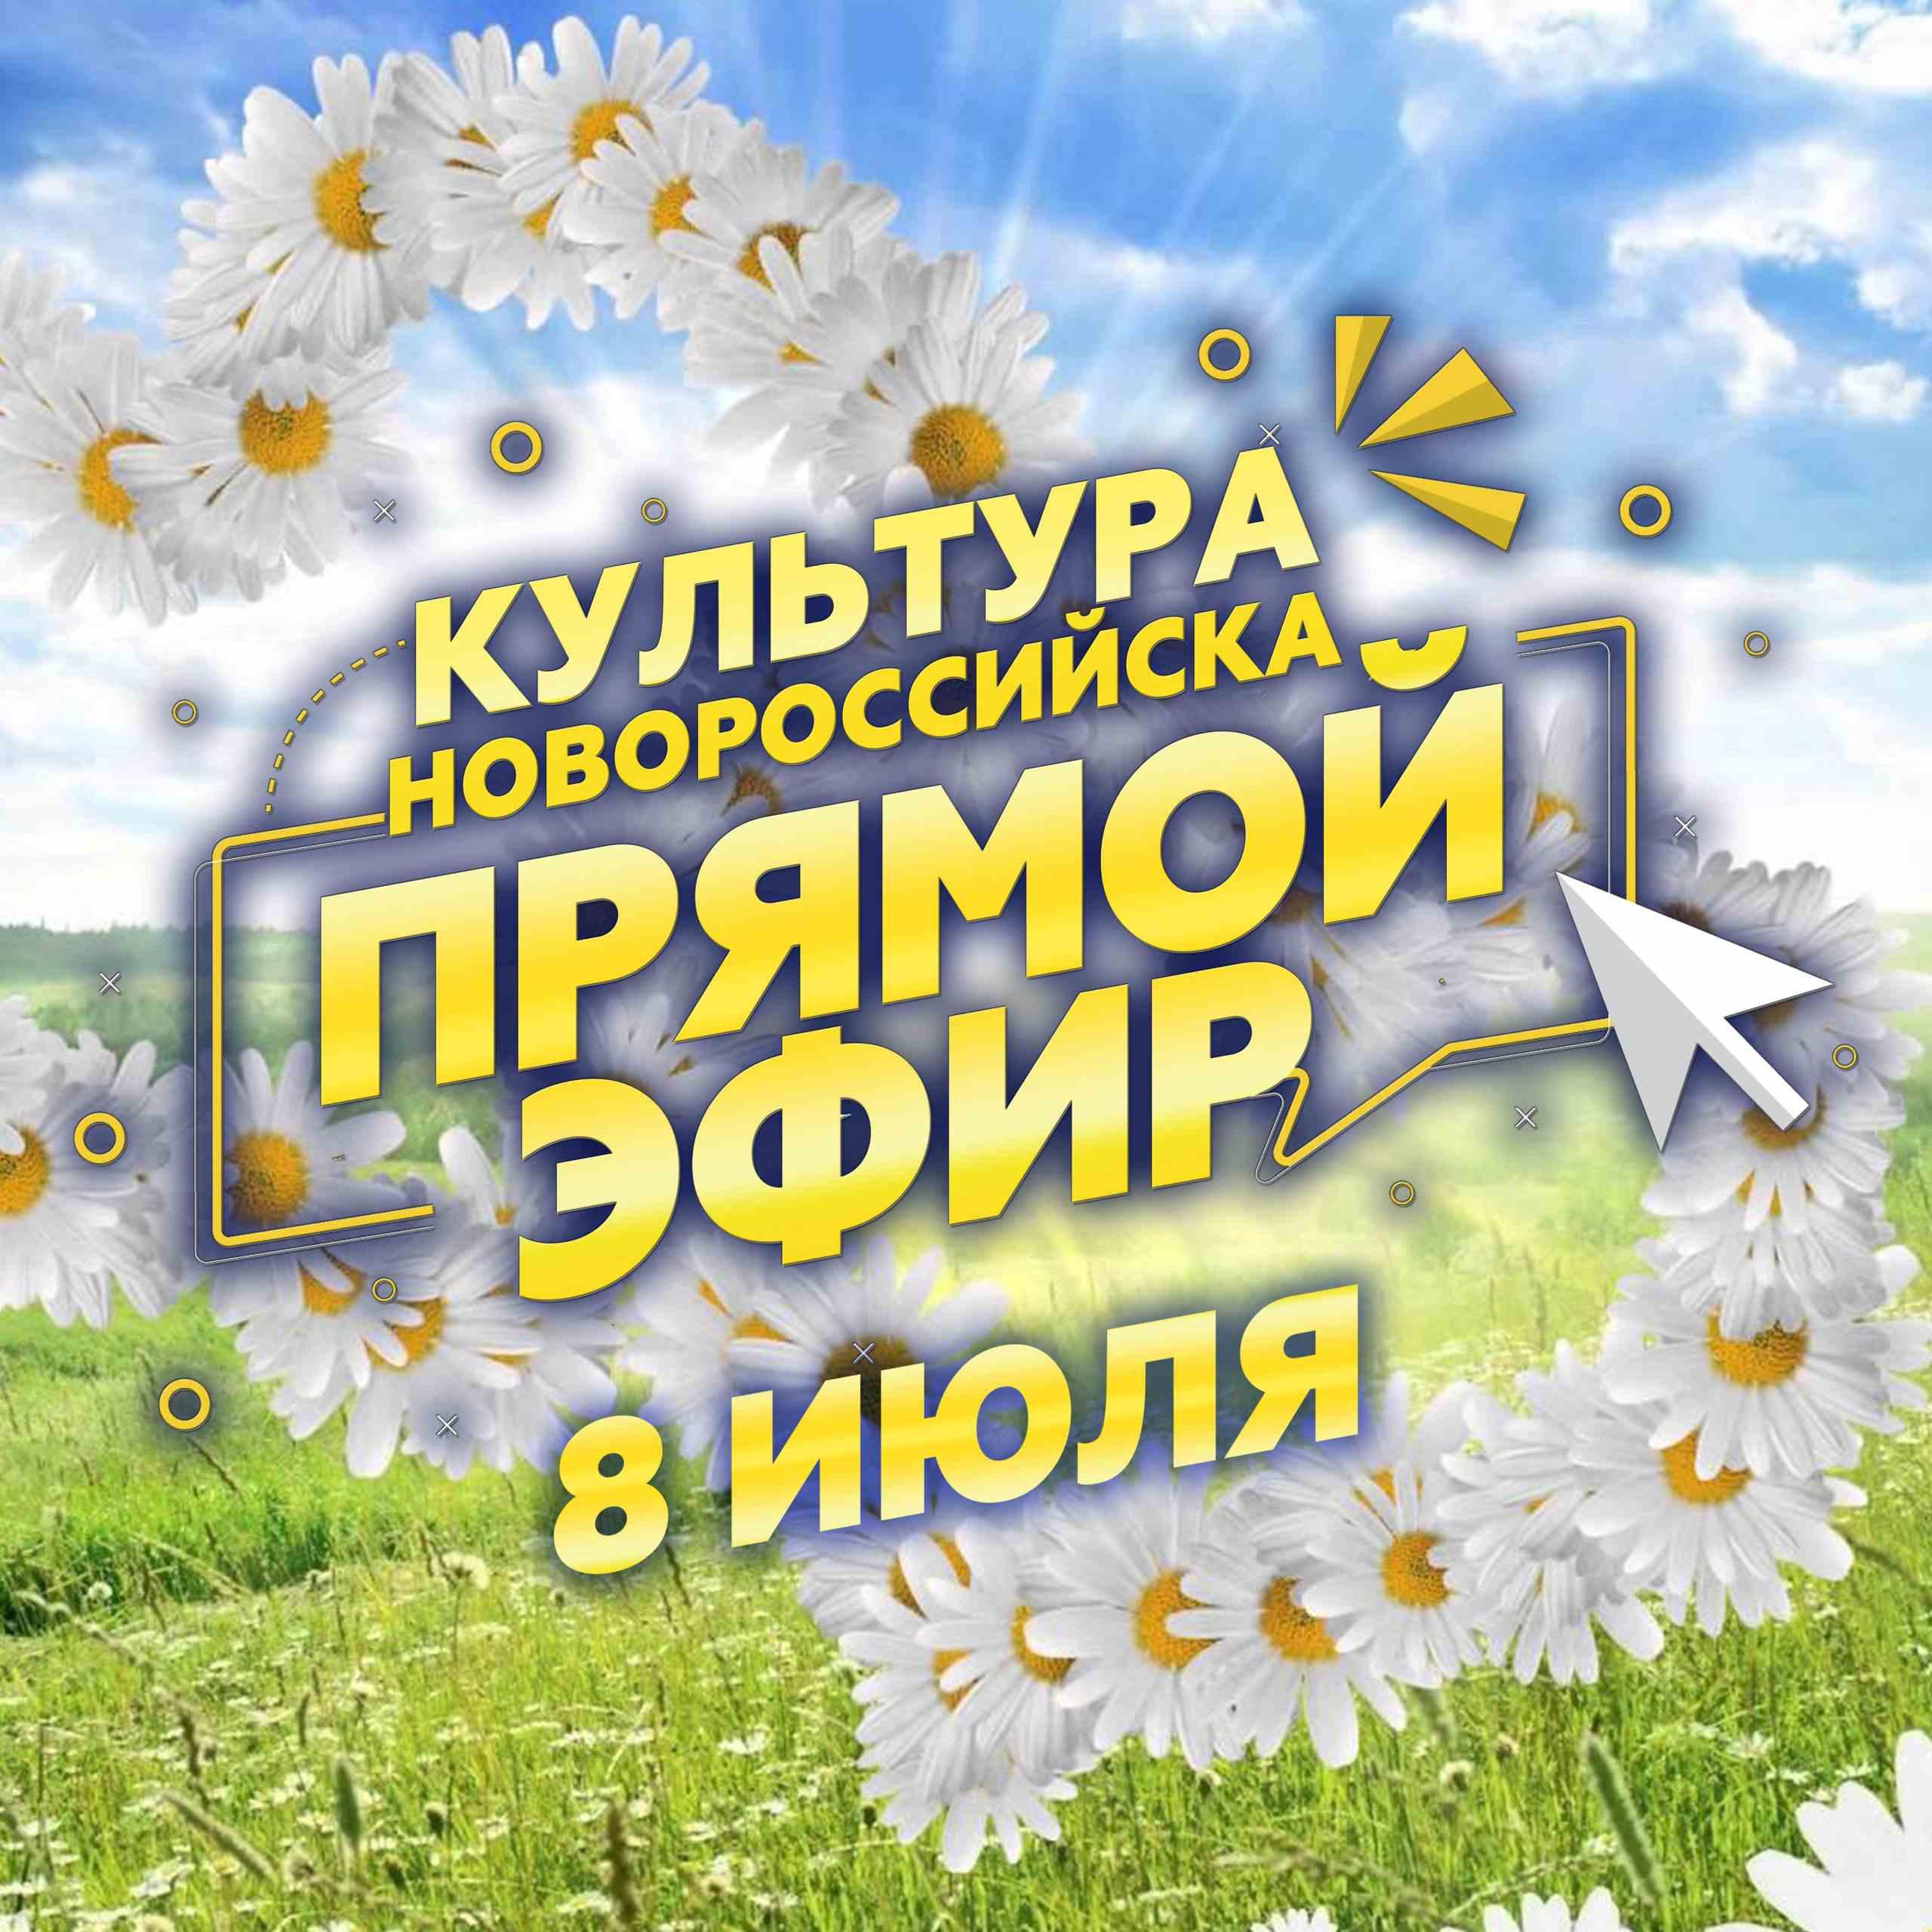 Большая культурная программа в Новороссийске в День семьи, любви и верности